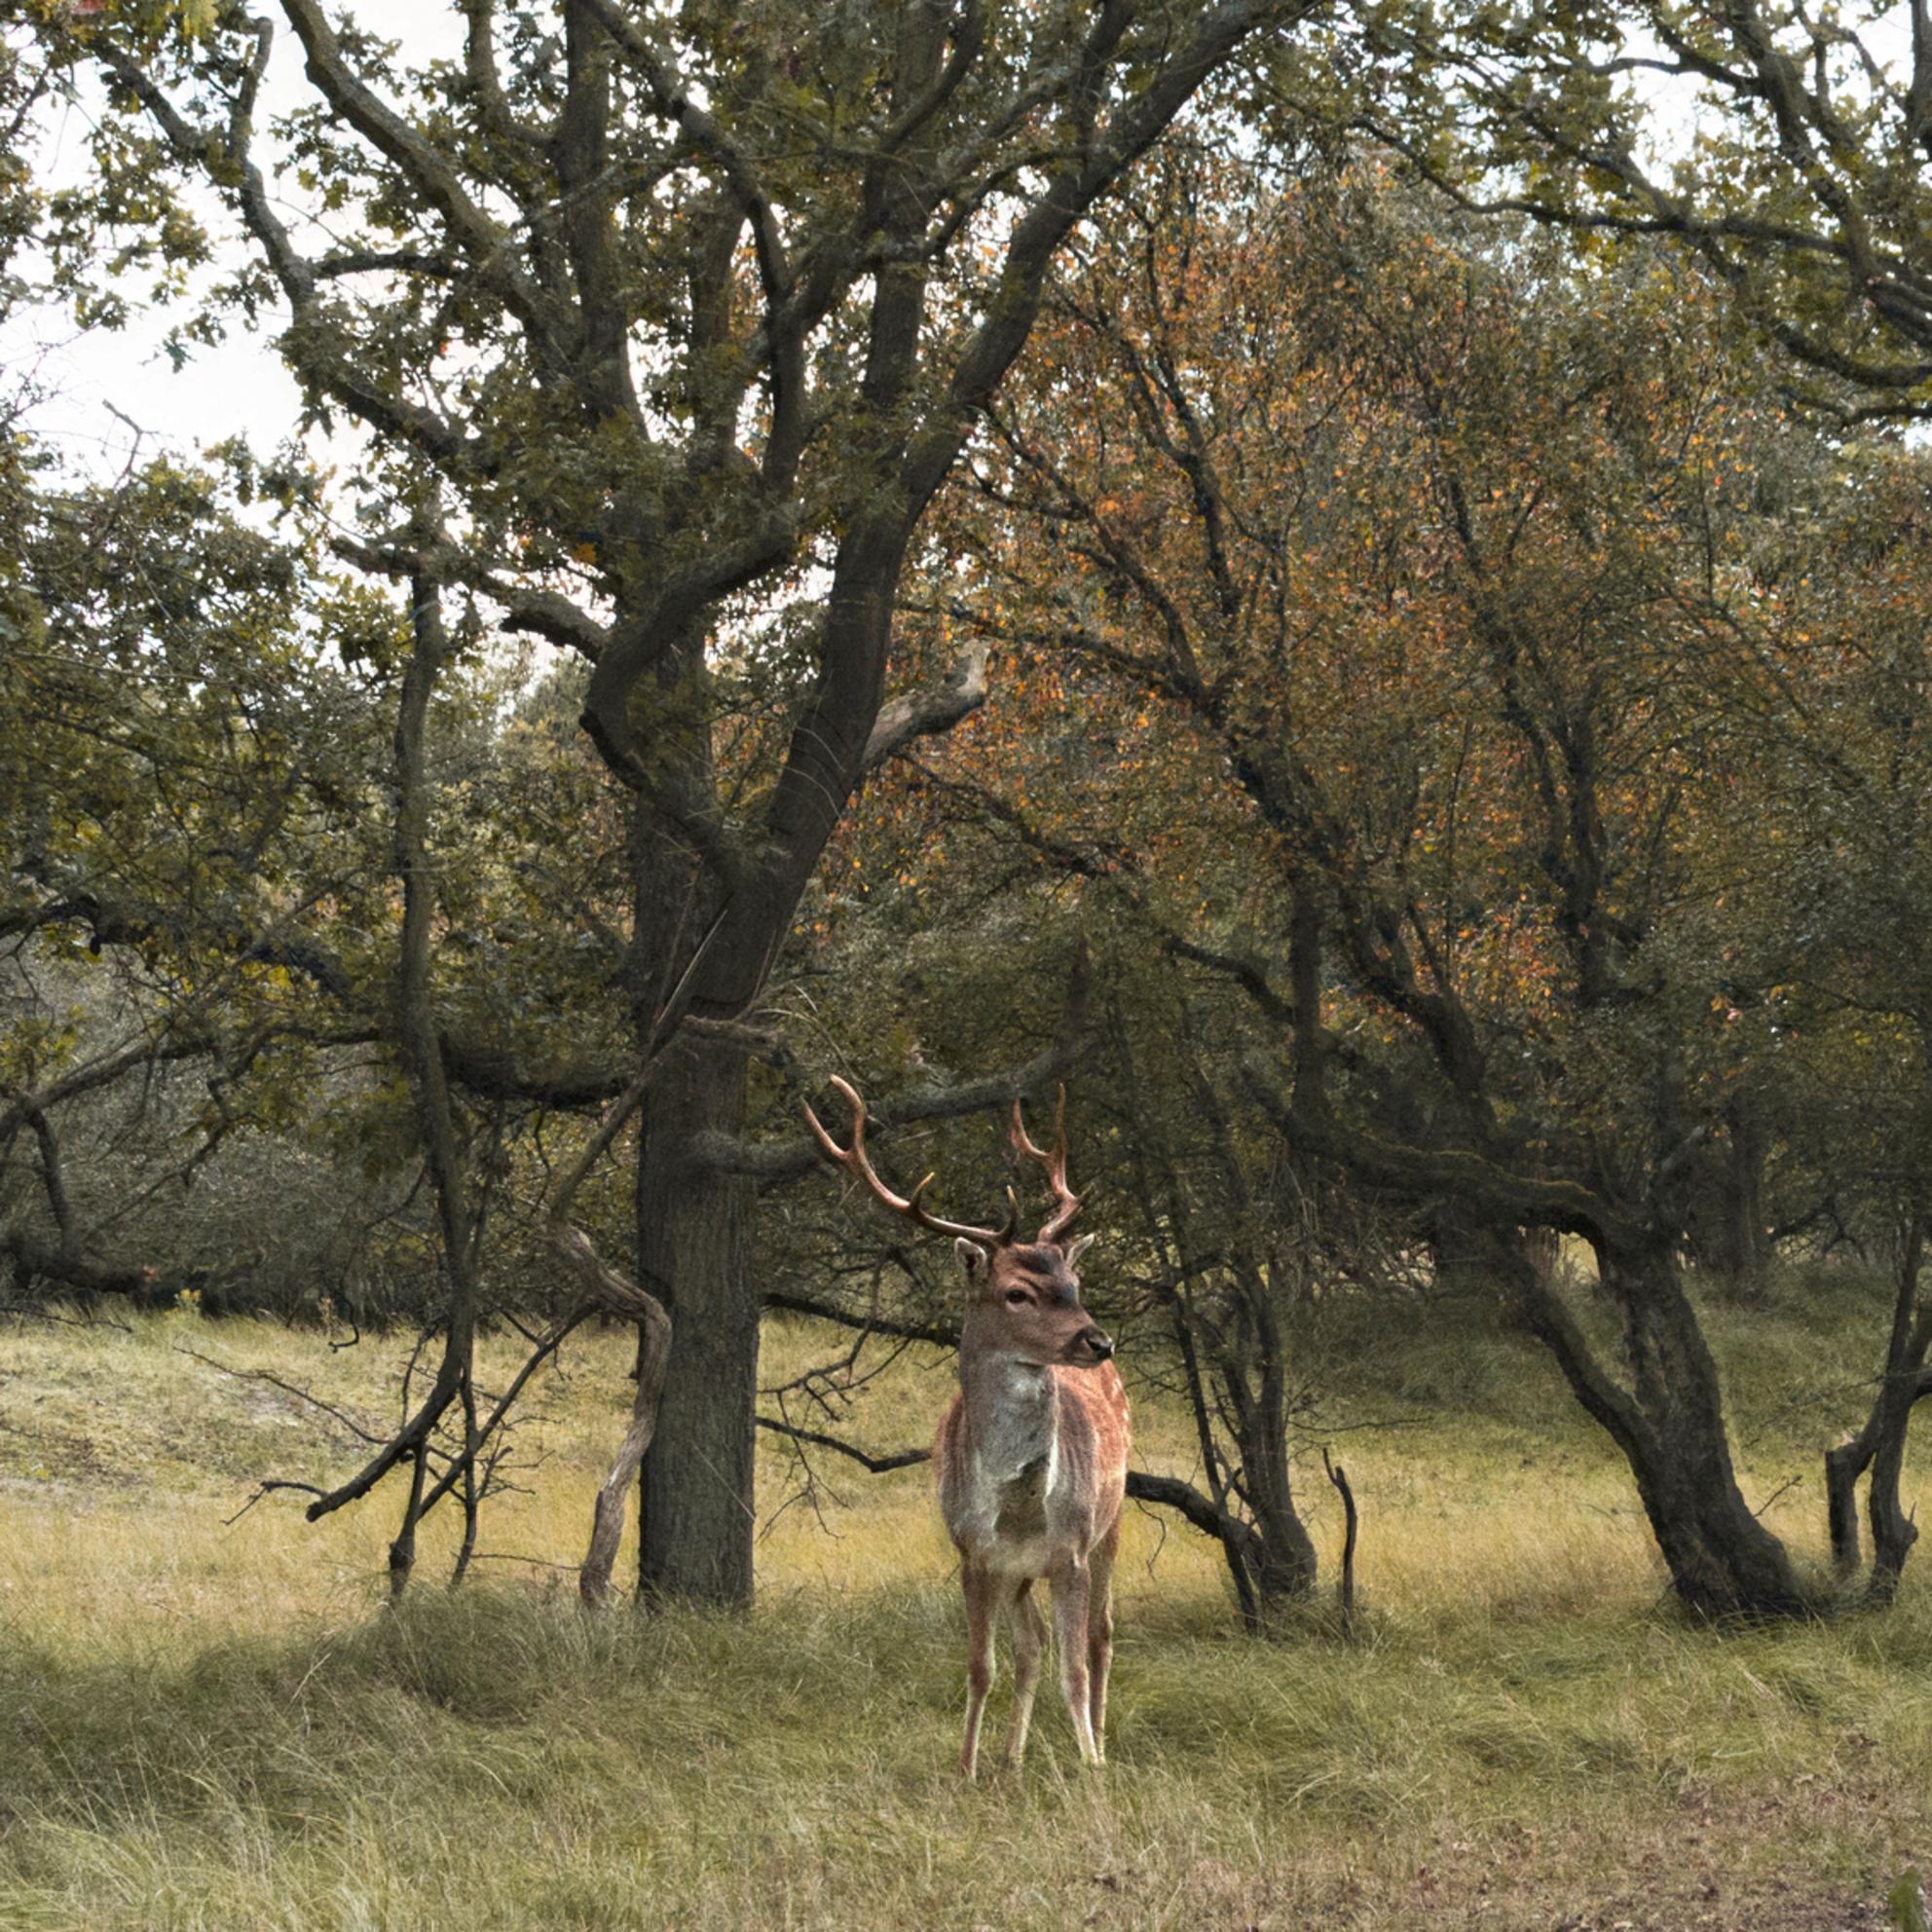 Hert - Prachtig hert - foto door LisaVollebregt op 22-07-2015 - deze foto bevat: boom, natuur, licht, herfst, dieren, landschap, duinen, bos, nederland - Deze foto mag gebruikt worden in een Zoom.nl publicatie